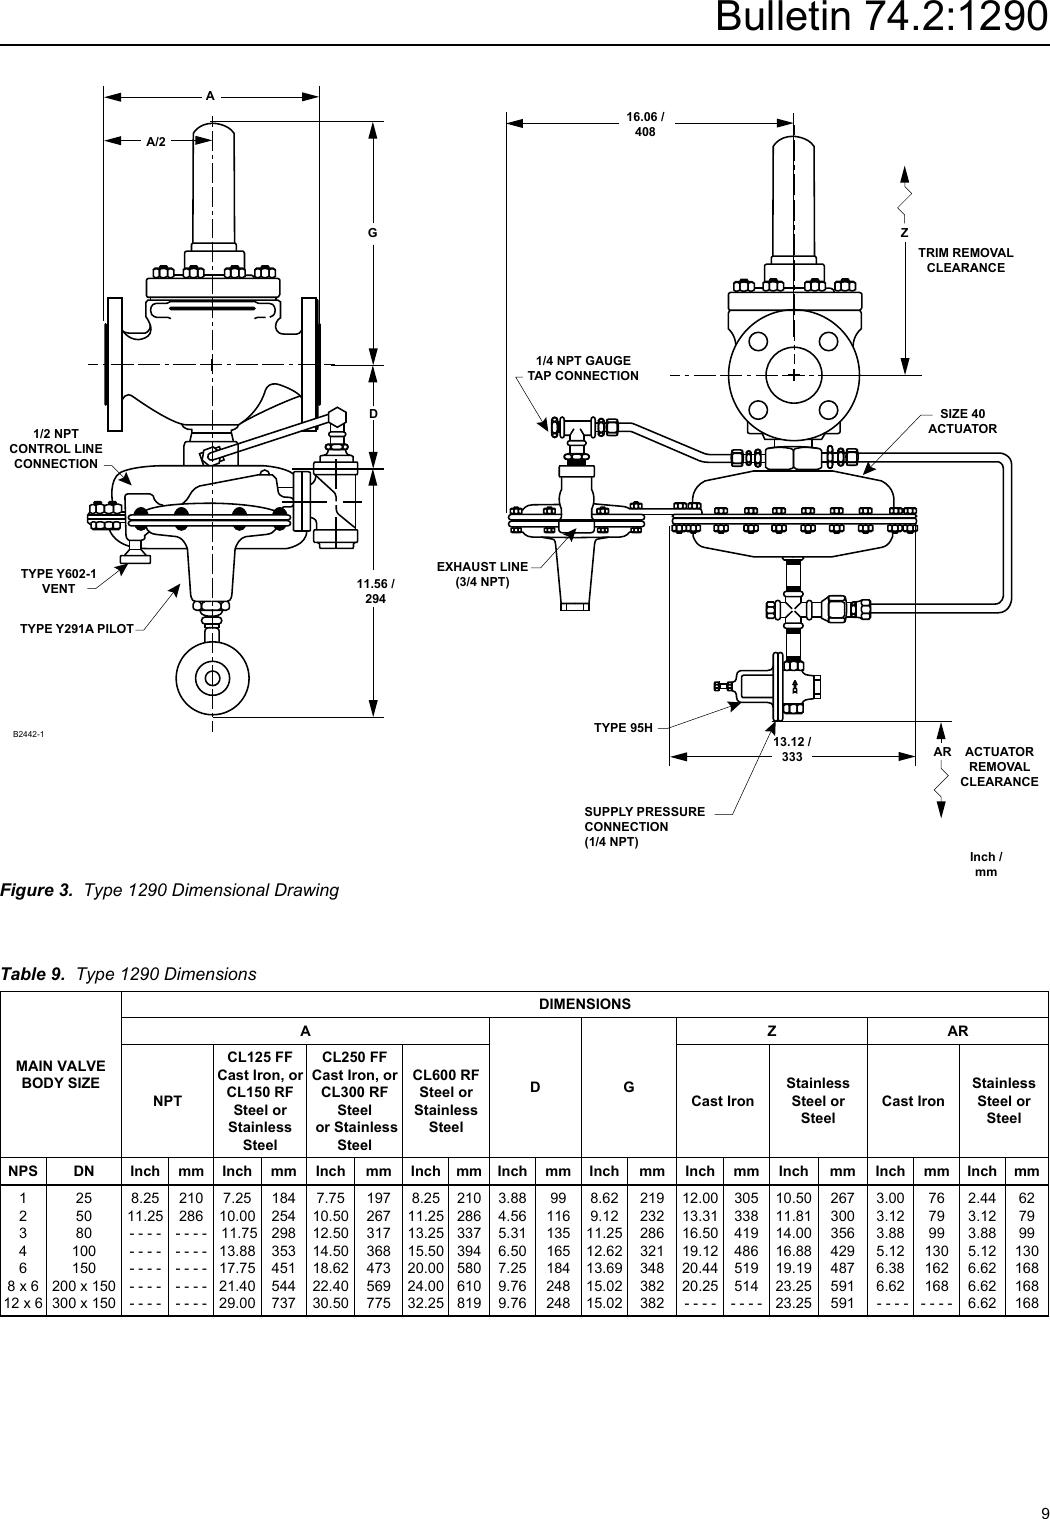 emerson type 1290 vapor recovery regulator data sheet